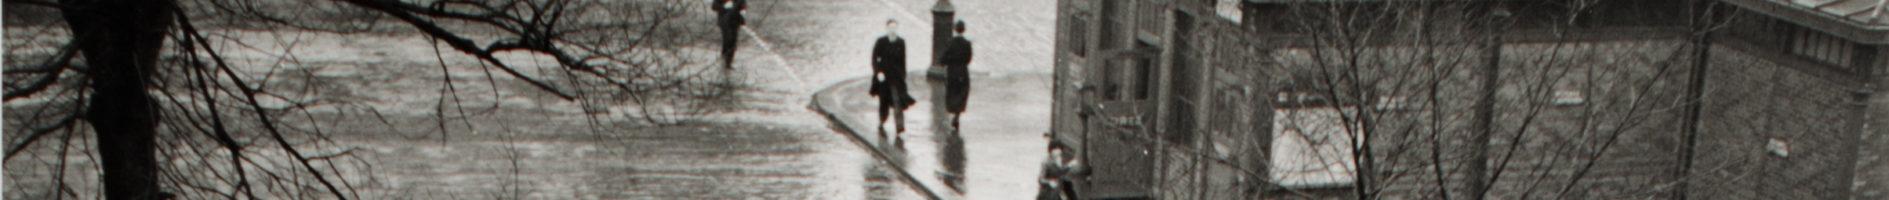 Restauration d'une photographie inondée